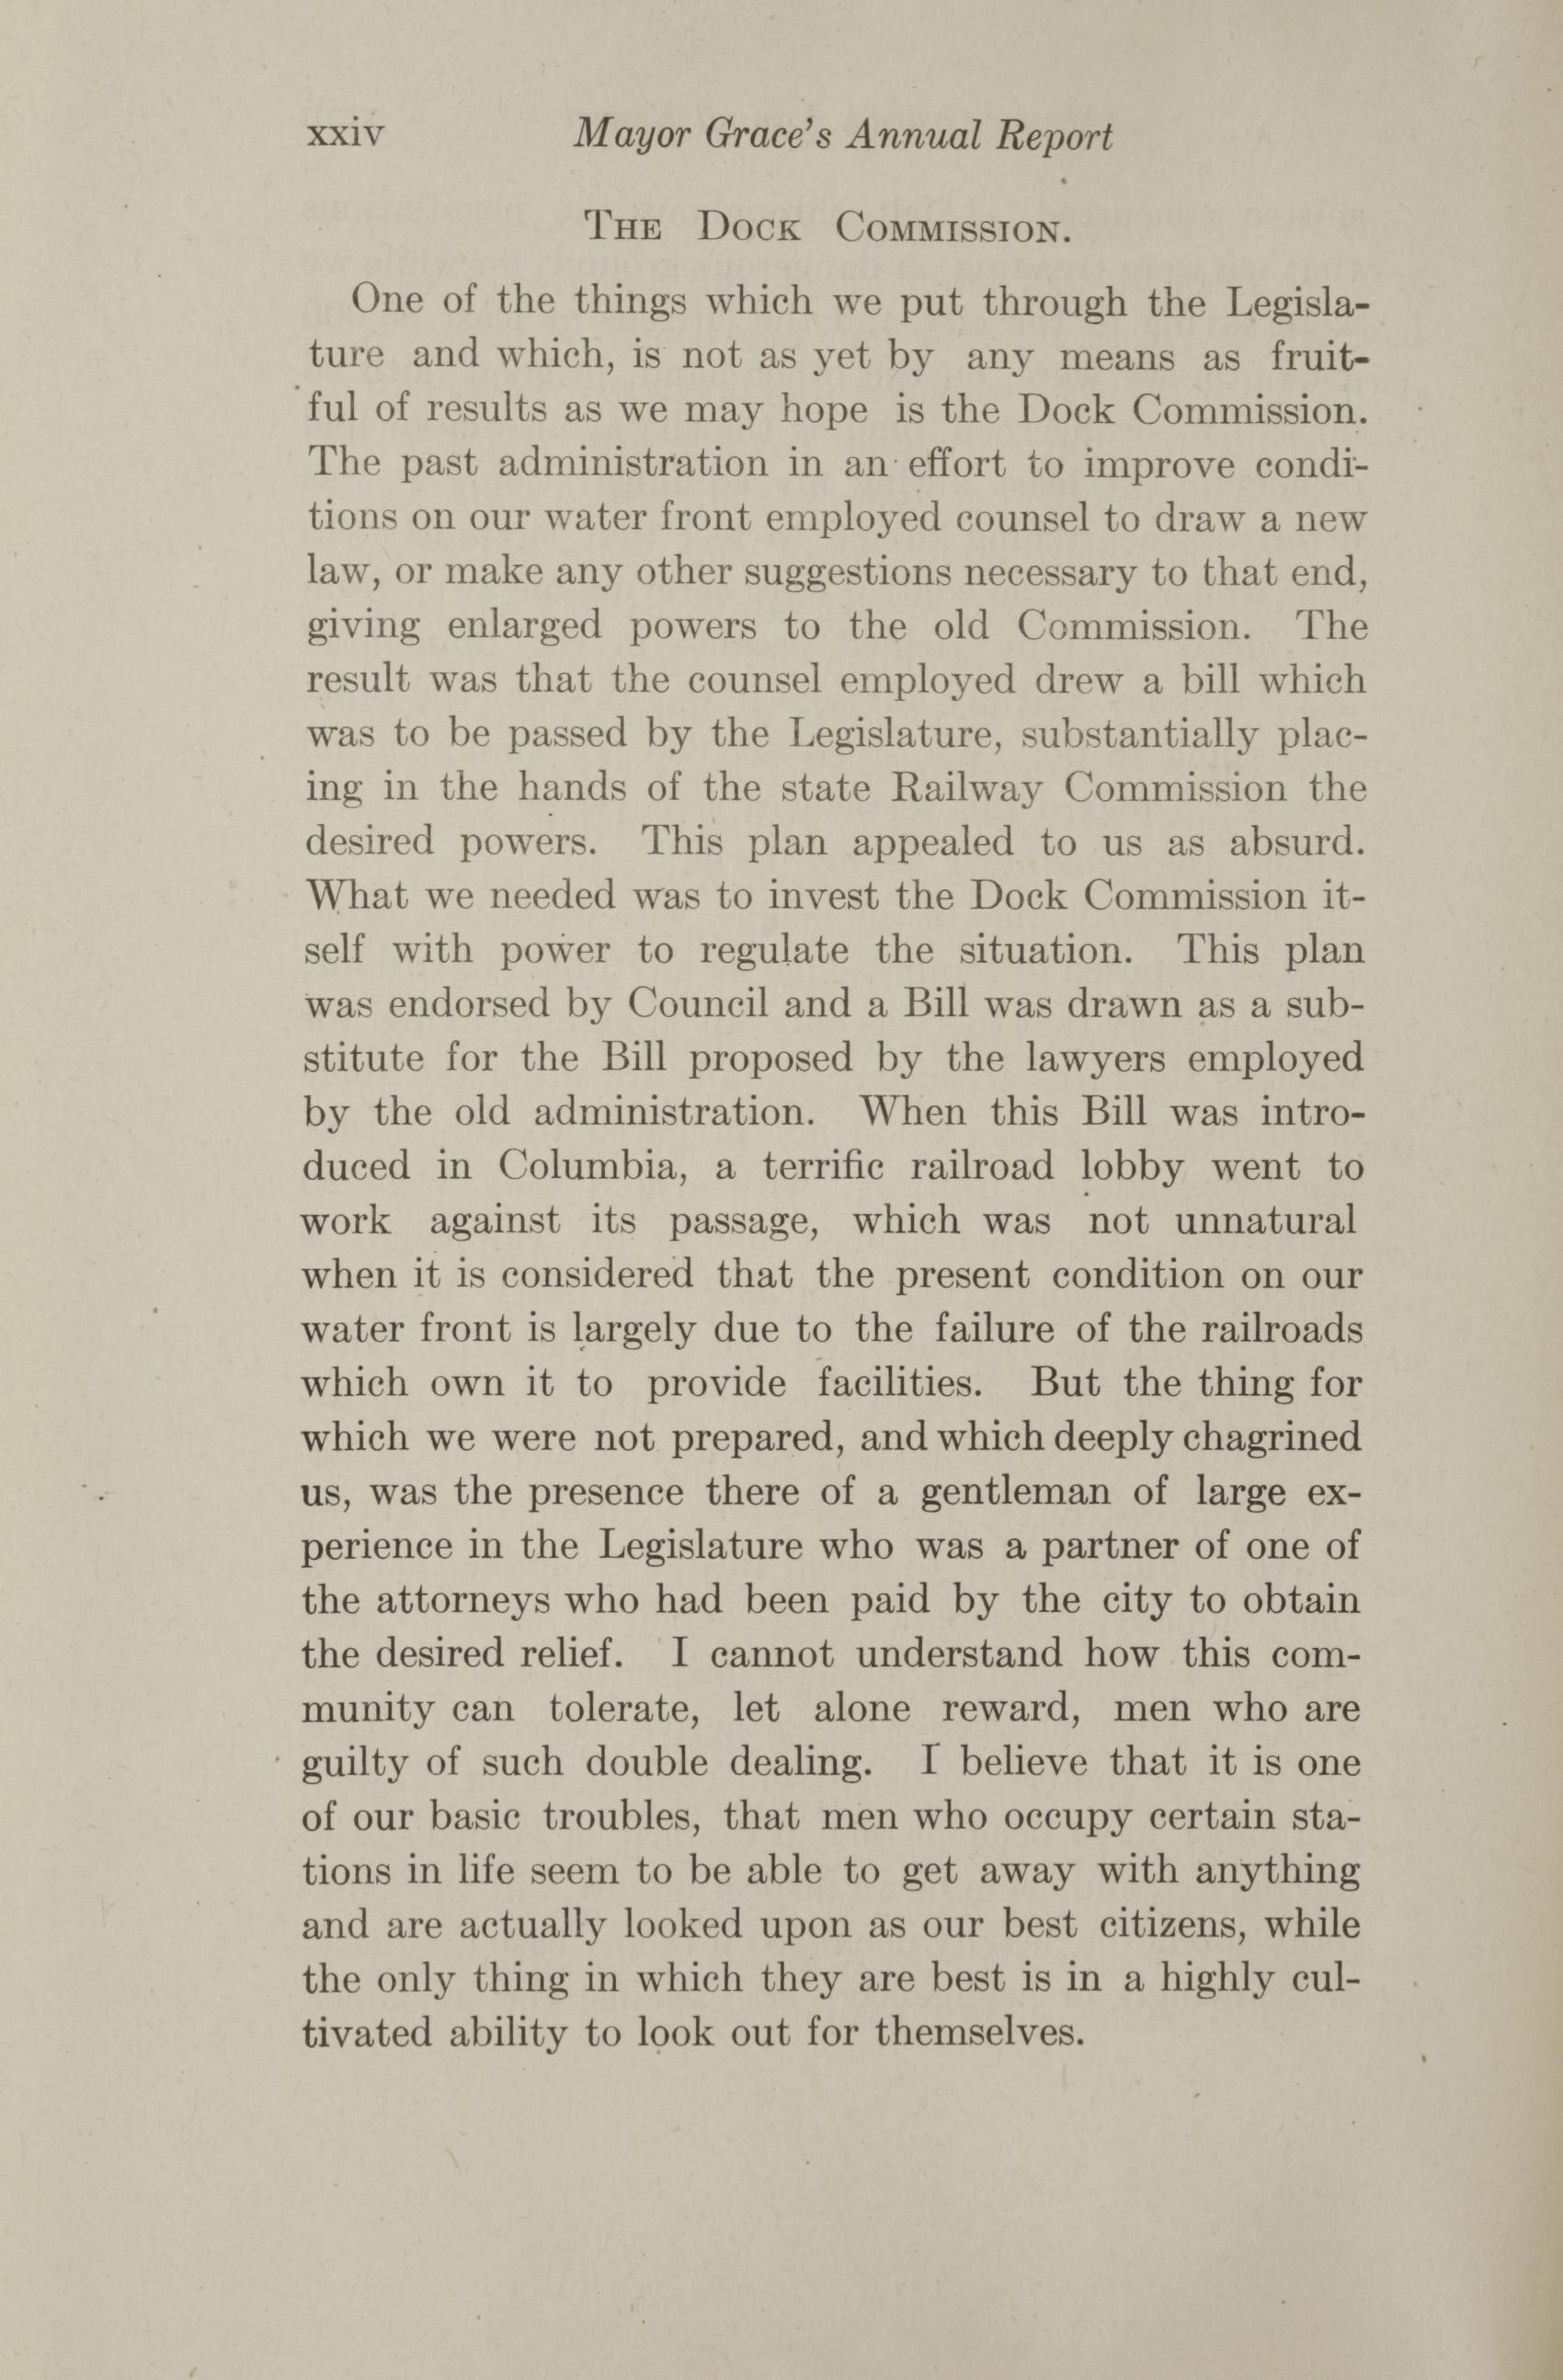 Charleston Yearbook, 1912, page xxiv